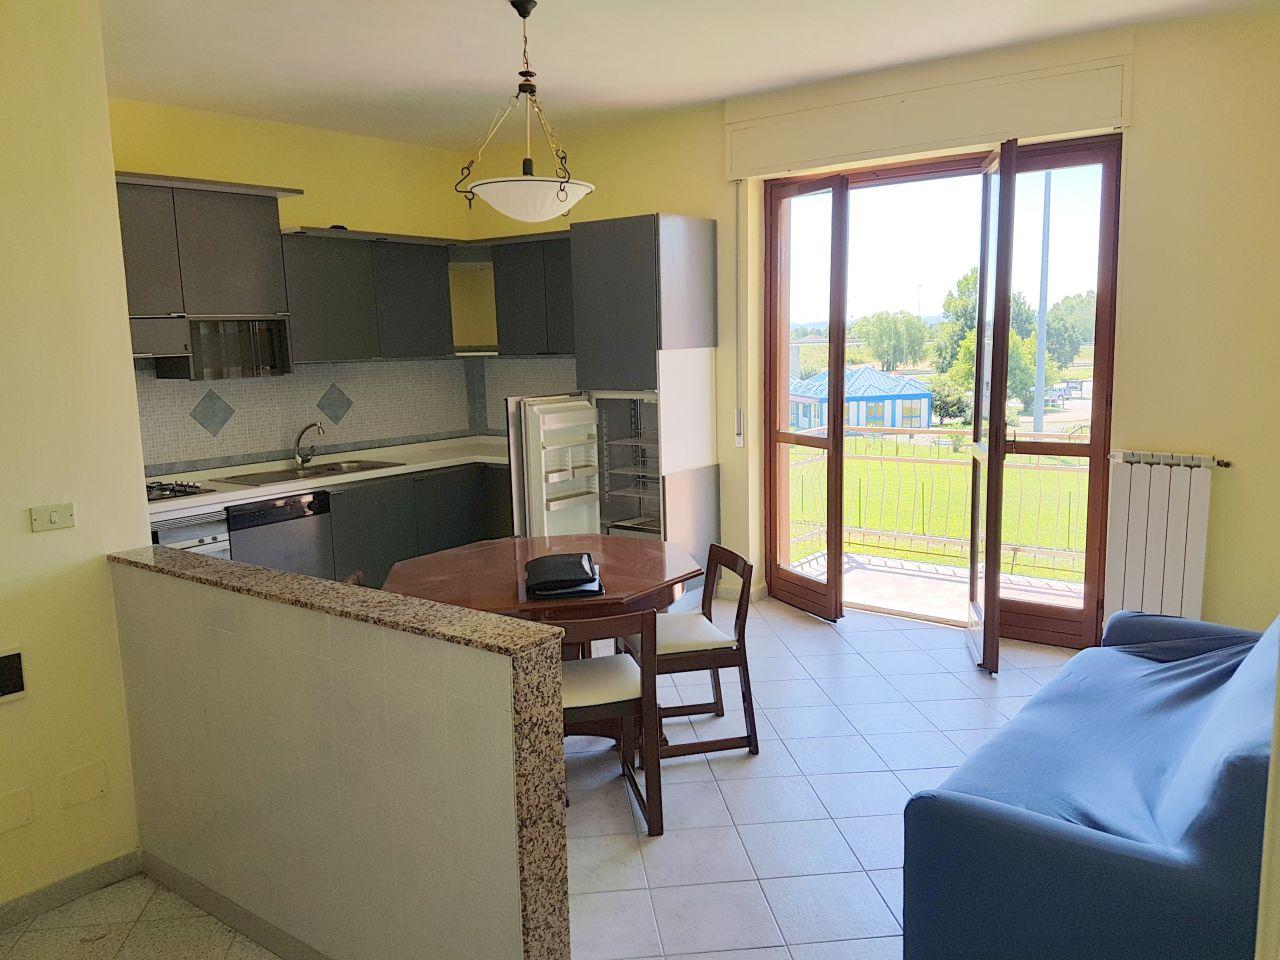 Appartamento in affitto a Rondissone, 3 locali, prezzo € 400 | CambioCasa.it